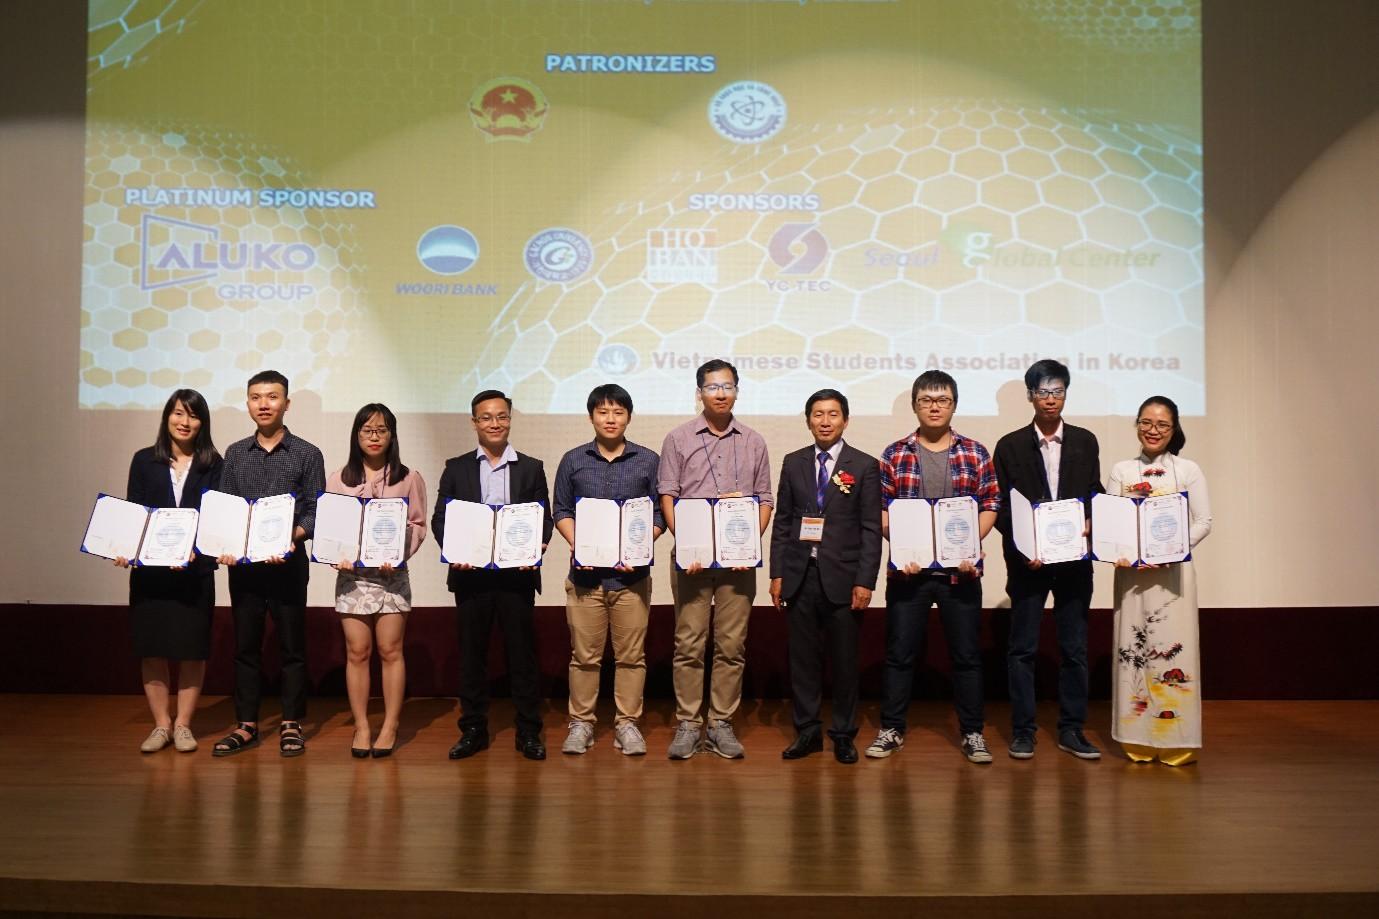 Nhìn lại một năm cực chất của Du học sinh Việt tại Hàn Quốc - Ảnh 3.